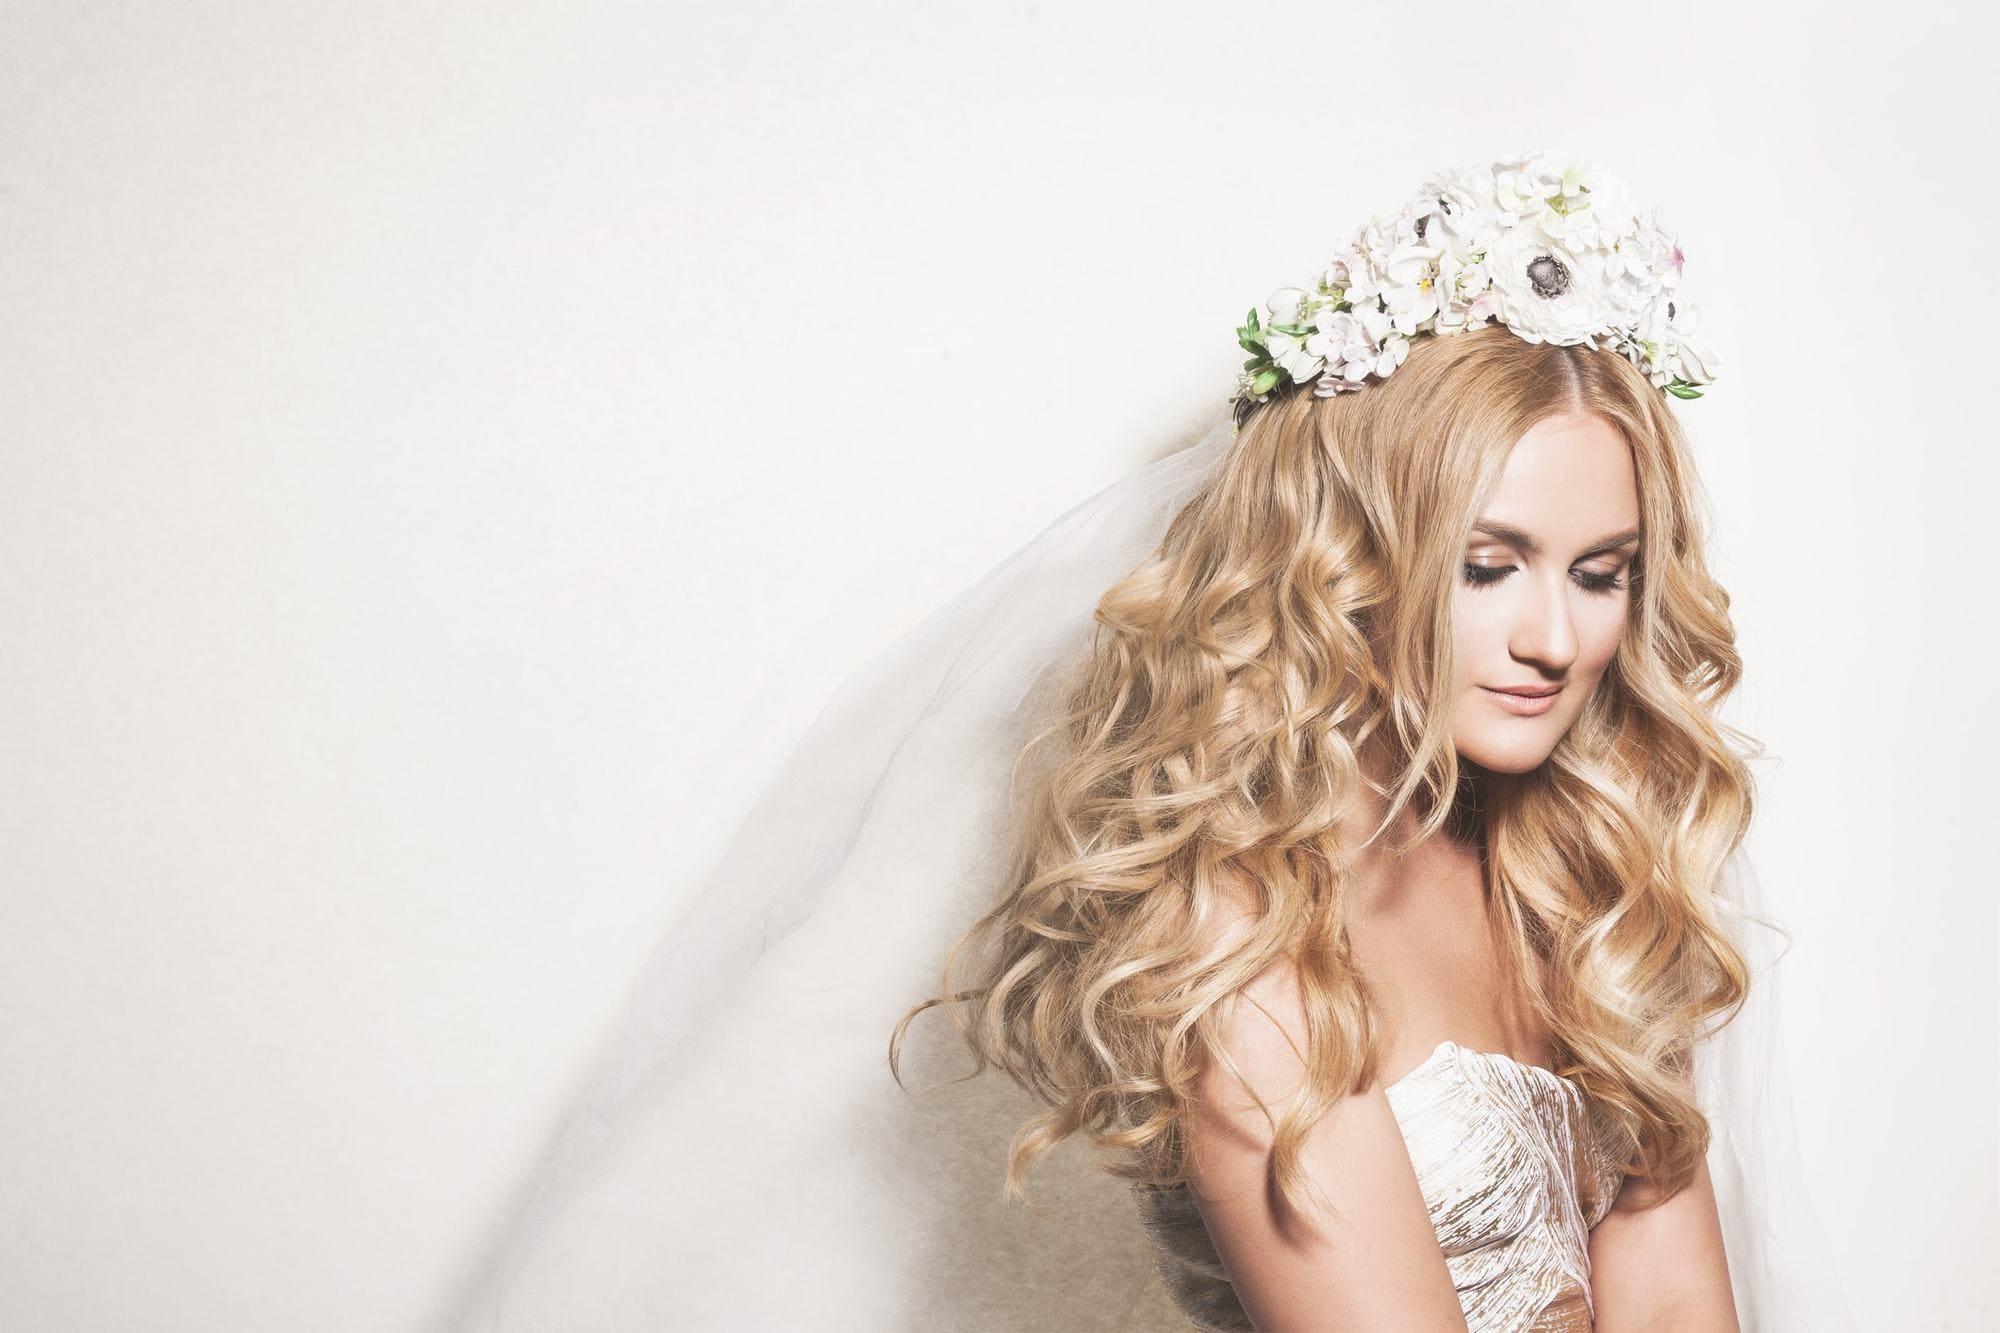 Wedding Hairstyles Down 2018 -Top 15 Trendy Hairstyles! 2